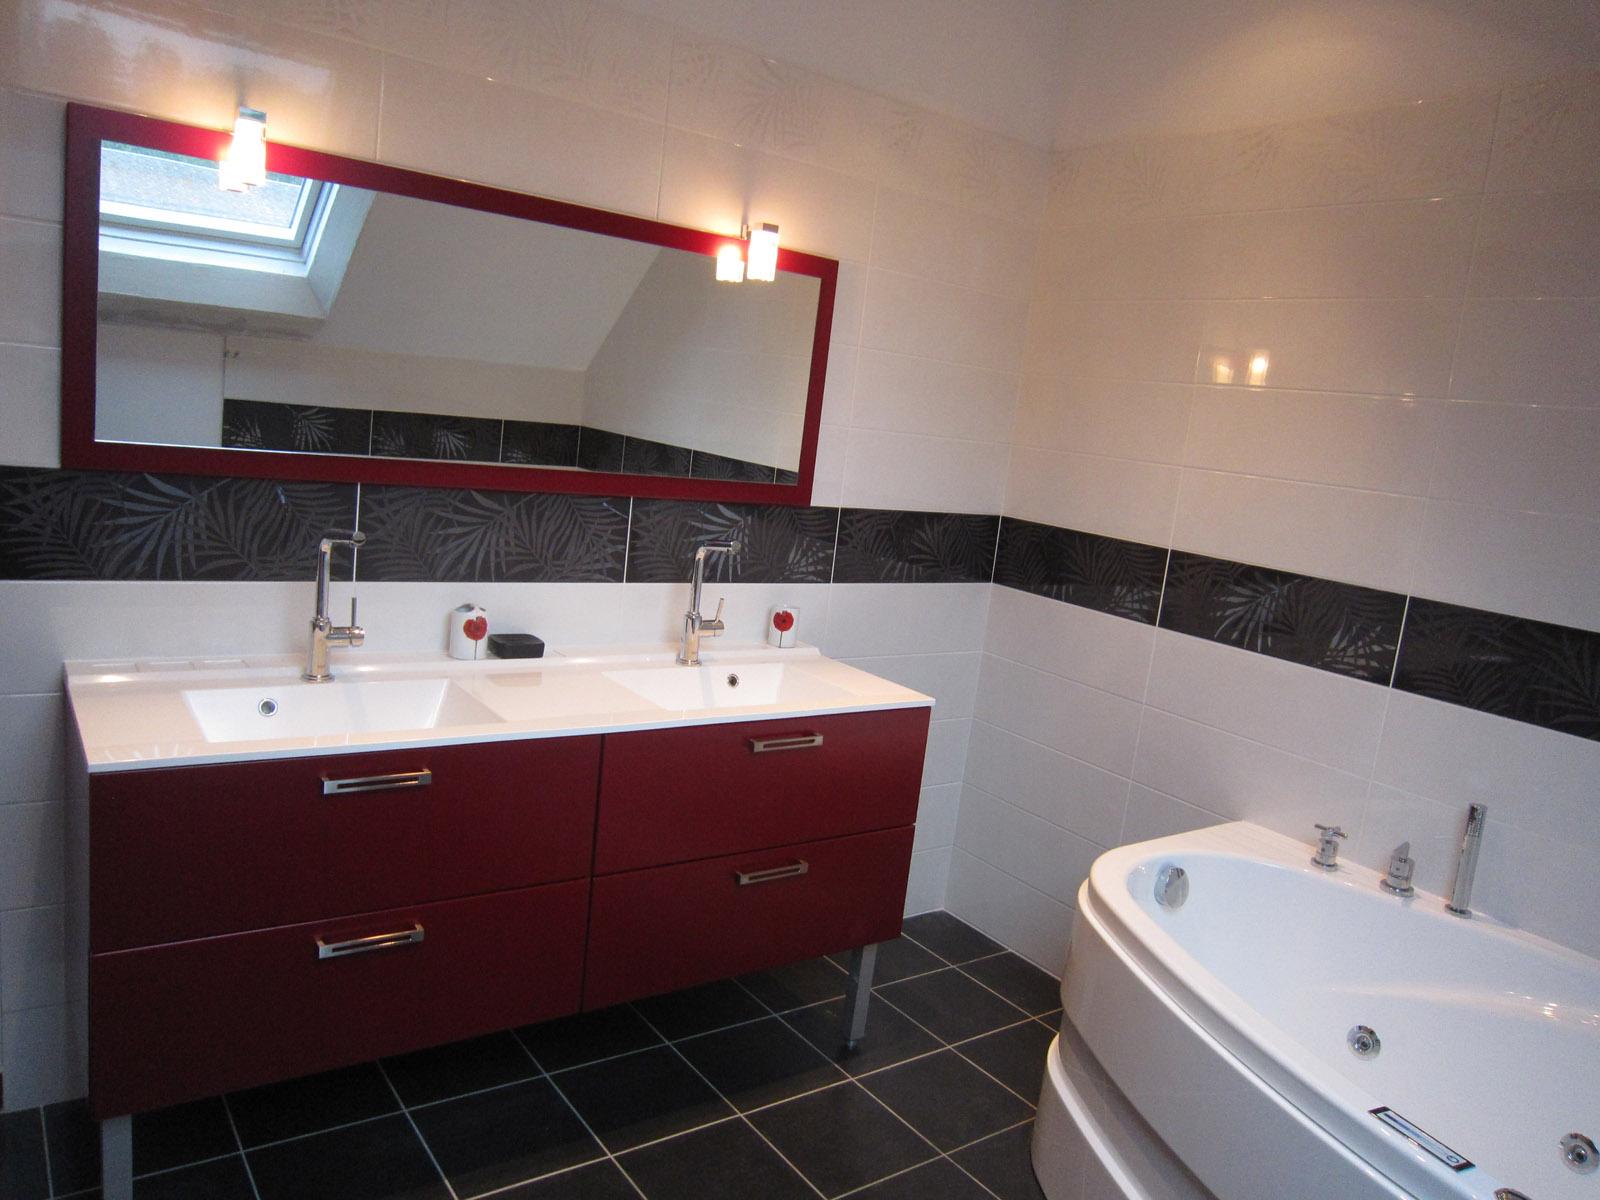 Salles de bain archives cuisines couloir for Model salle de bains